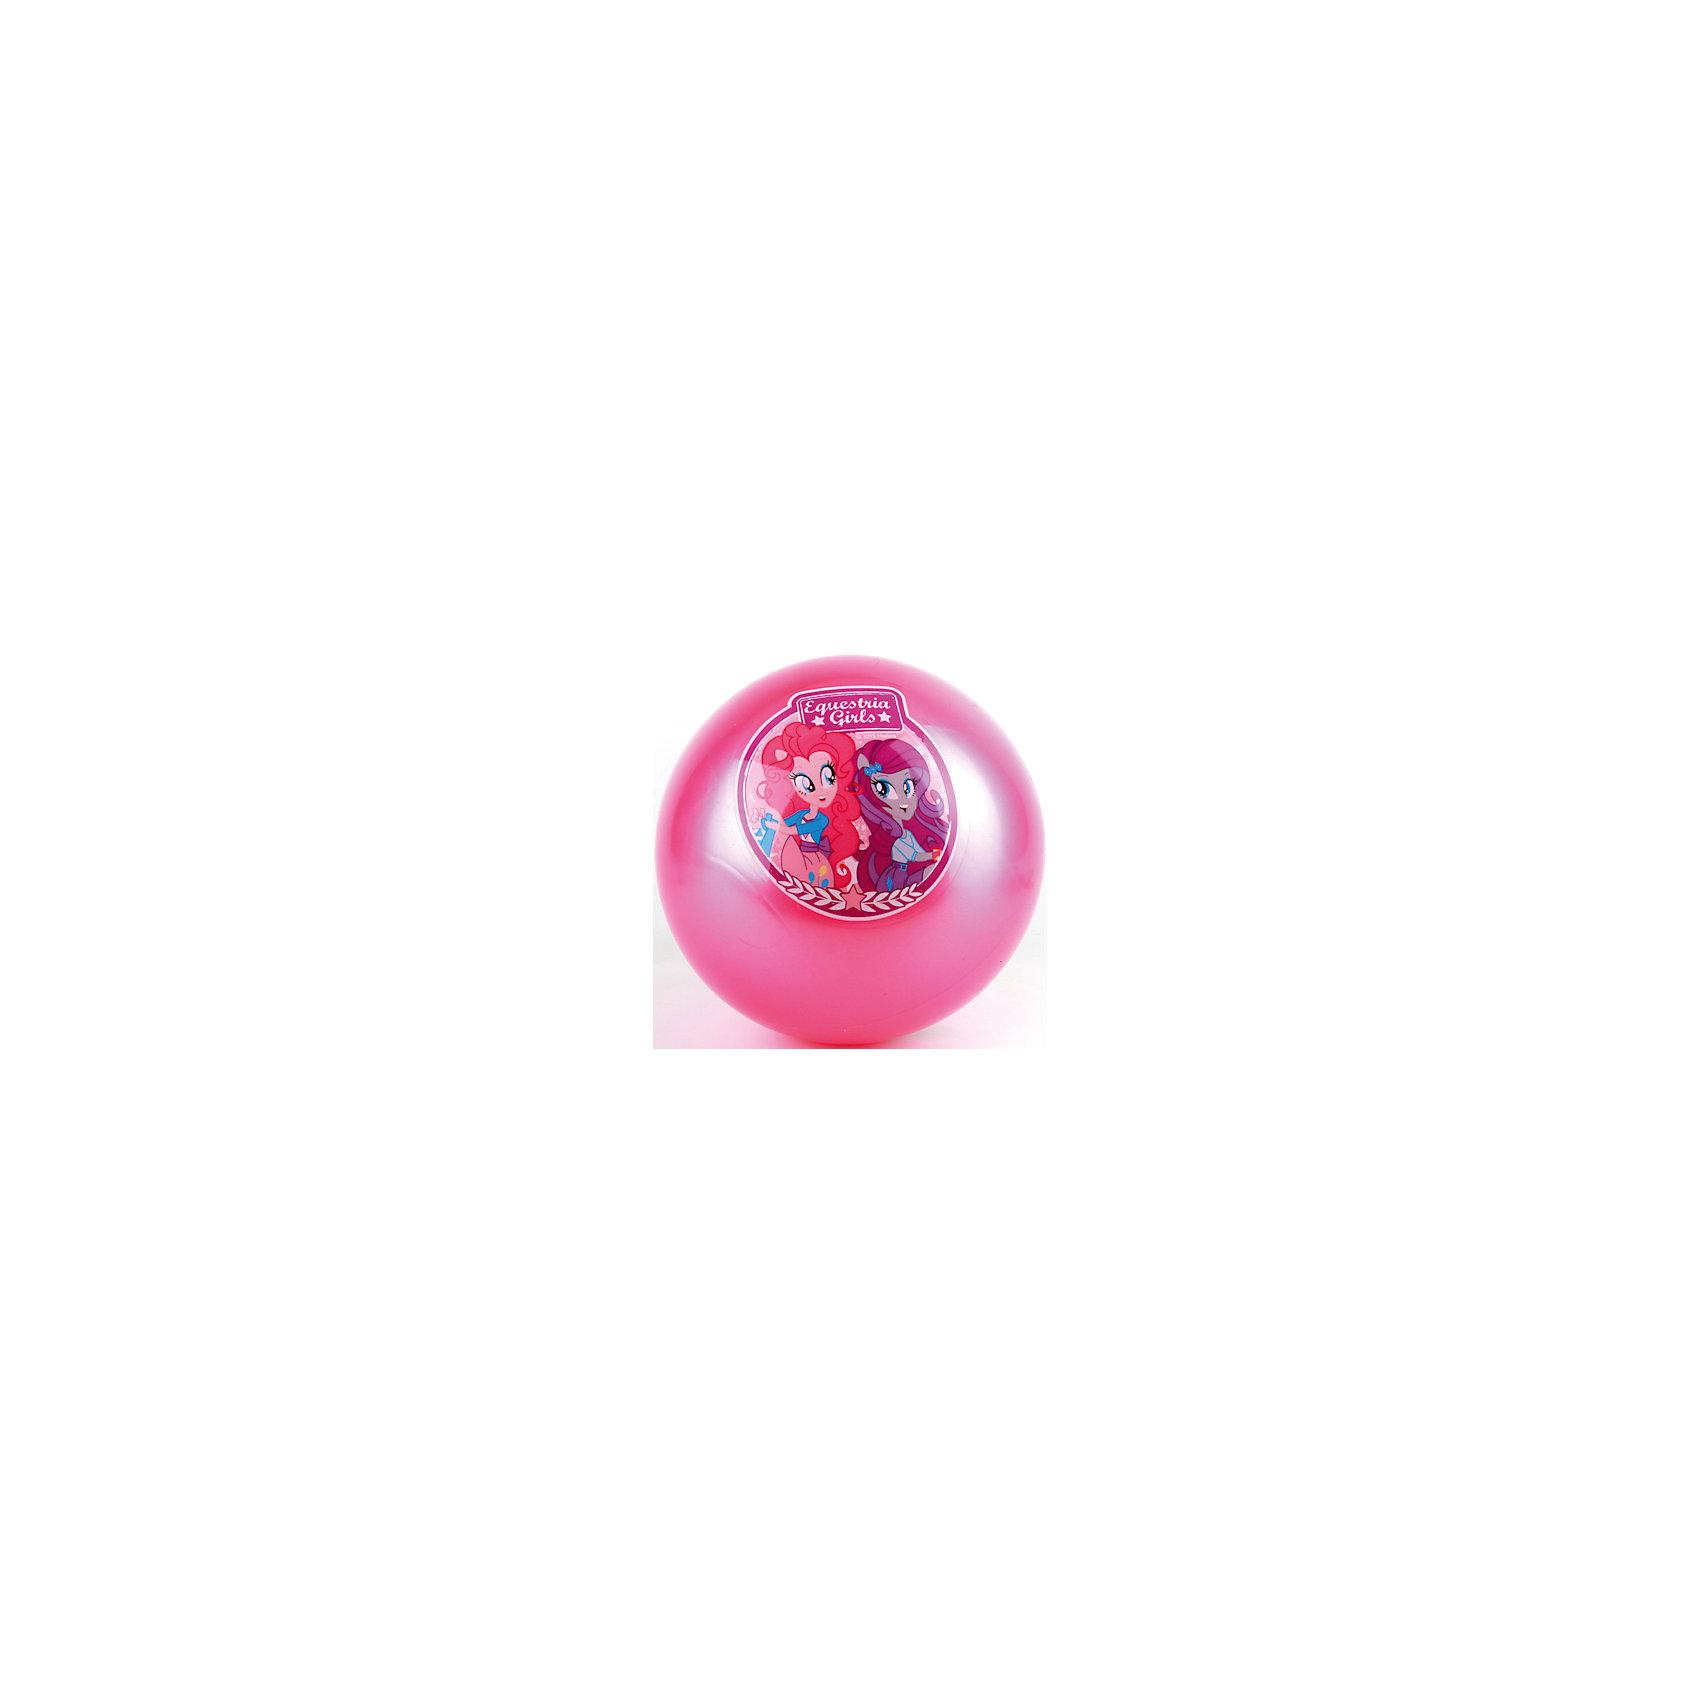 Мяч с наклейкой, 23 см, Эквестрия герлзЯркий мяч приведет в восторг всех поклонниц My Little Pony, (Май Литл Пони)! Игры с мячом  стимулируют детей к физической активности, развивают моторику, координацию, тренируют различные группы мышц. Игрушка выполнена из высококачественных материалов, в производстве которых использованы только нетоксичные, безопасные для детей красители. Мяч оформлен изображениями героинь мультсериала Equestria Girls (Девушки Эквестрии).<br><br>Дополнительная информация:<br><br>- Материал: ПВХ.<br>- Размер d - 23 см.<br>- Оформлен изображениями героинь мультсериала Equestria Girls (Девушки Эквестрии).<br><br>Мяч с наклейкой, 23 см, Эквестрия Герлз, Играем вместе, можно купить в нашем магазине.<br><br>Ширина мм: 450<br>Глубина мм: 260<br>Высота мм: 300<br>Вес г: 80<br>Возраст от месяцев: 36<br>Возраст до месяцев: 144<br>Пол: Женский<br>Возраст: Детский<br>SKU: 4616829